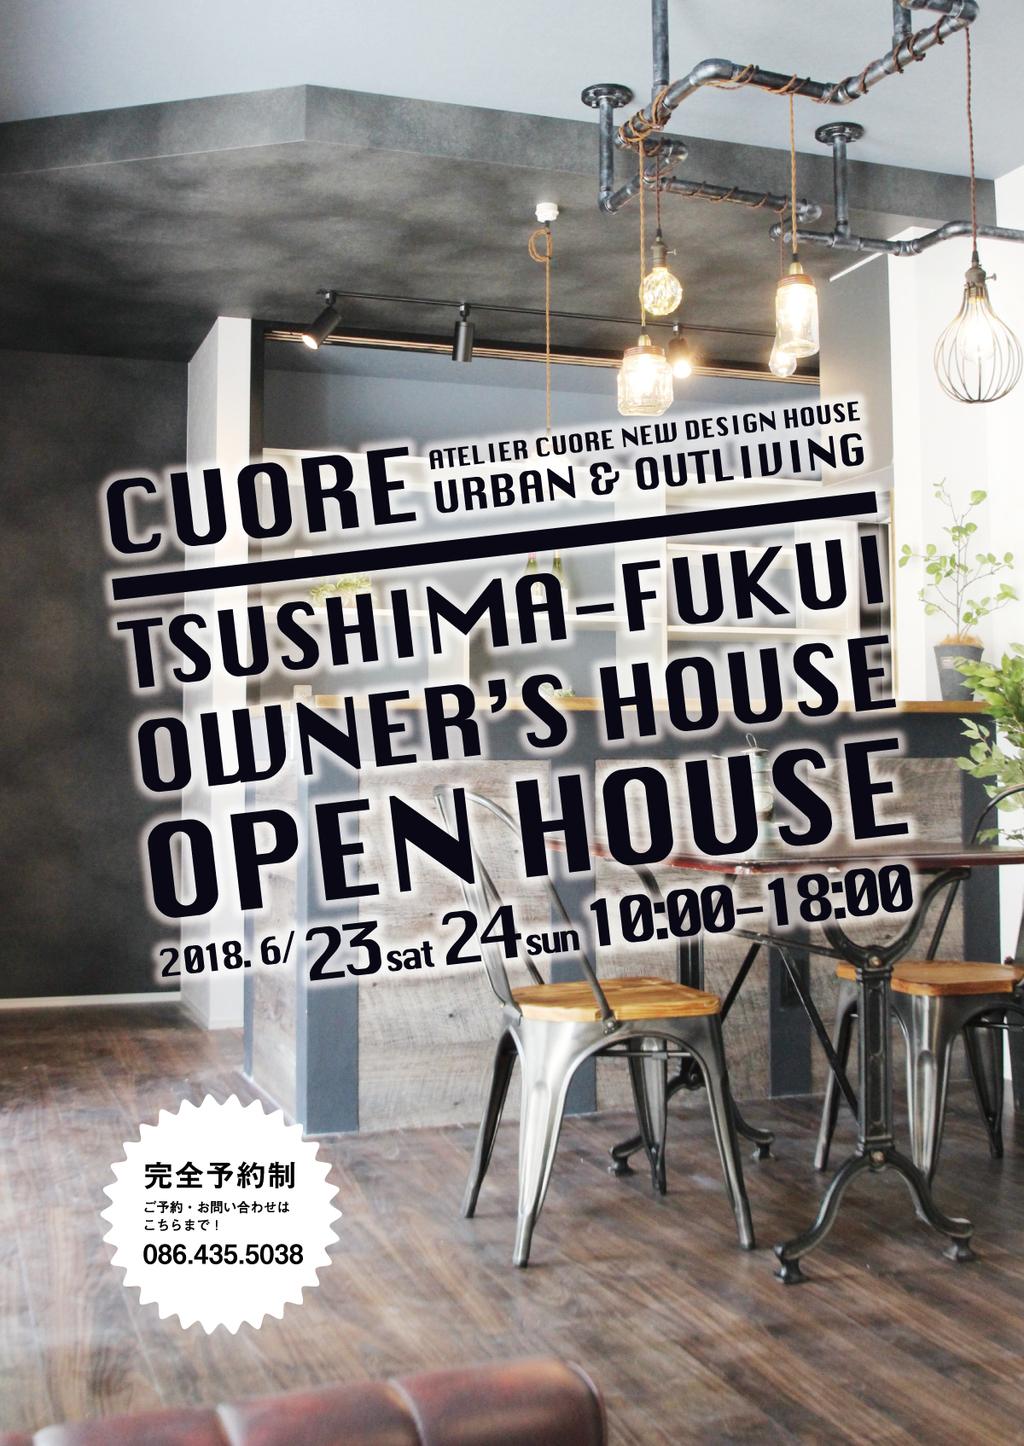 6/23-6/24 オープンハウス in 北区津島福居☆